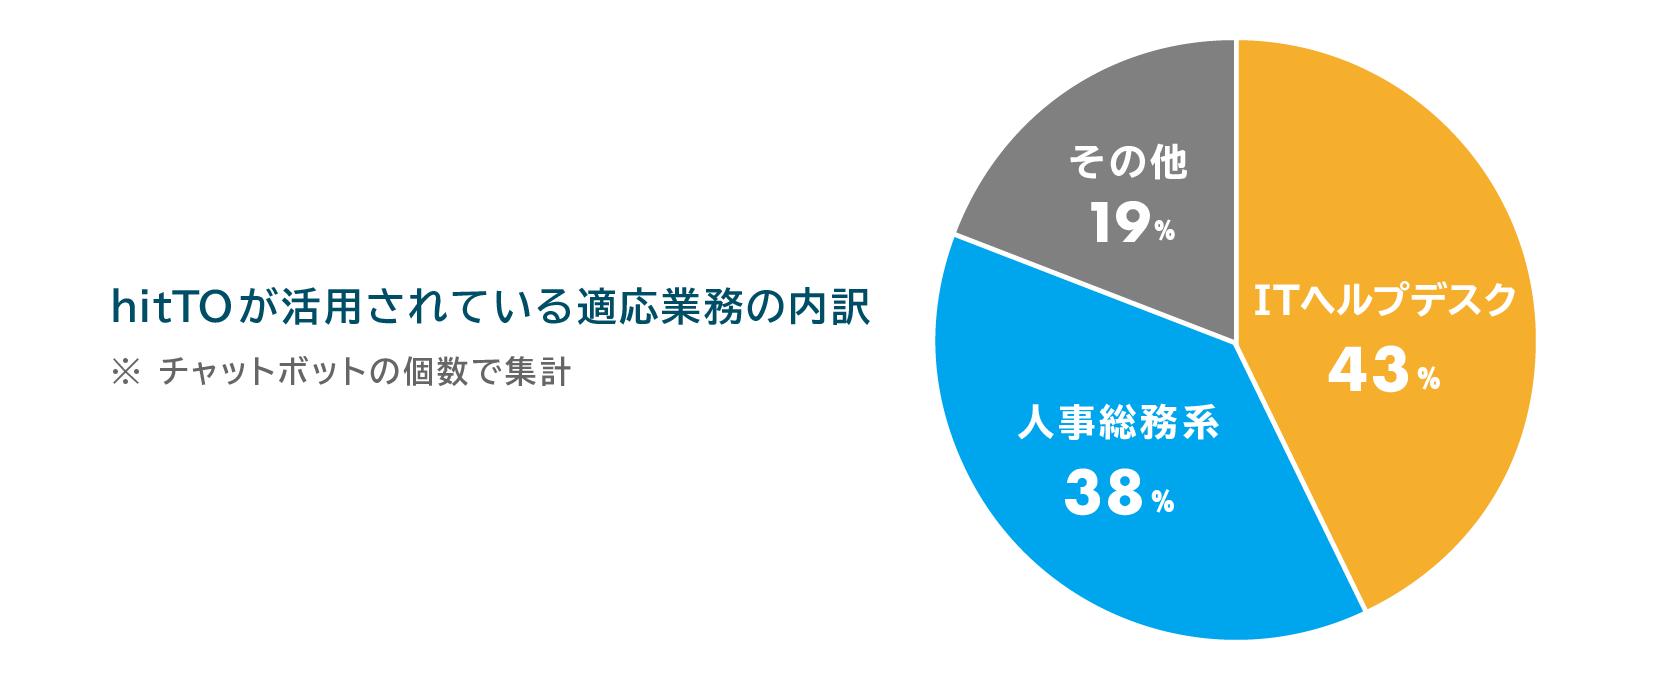 hitTO(ヒット)が活用されている適応業務の内訳 ※チャットボットの個数で集計。ITヘルプデスク 43%・人事総務系 38%・その他 19%